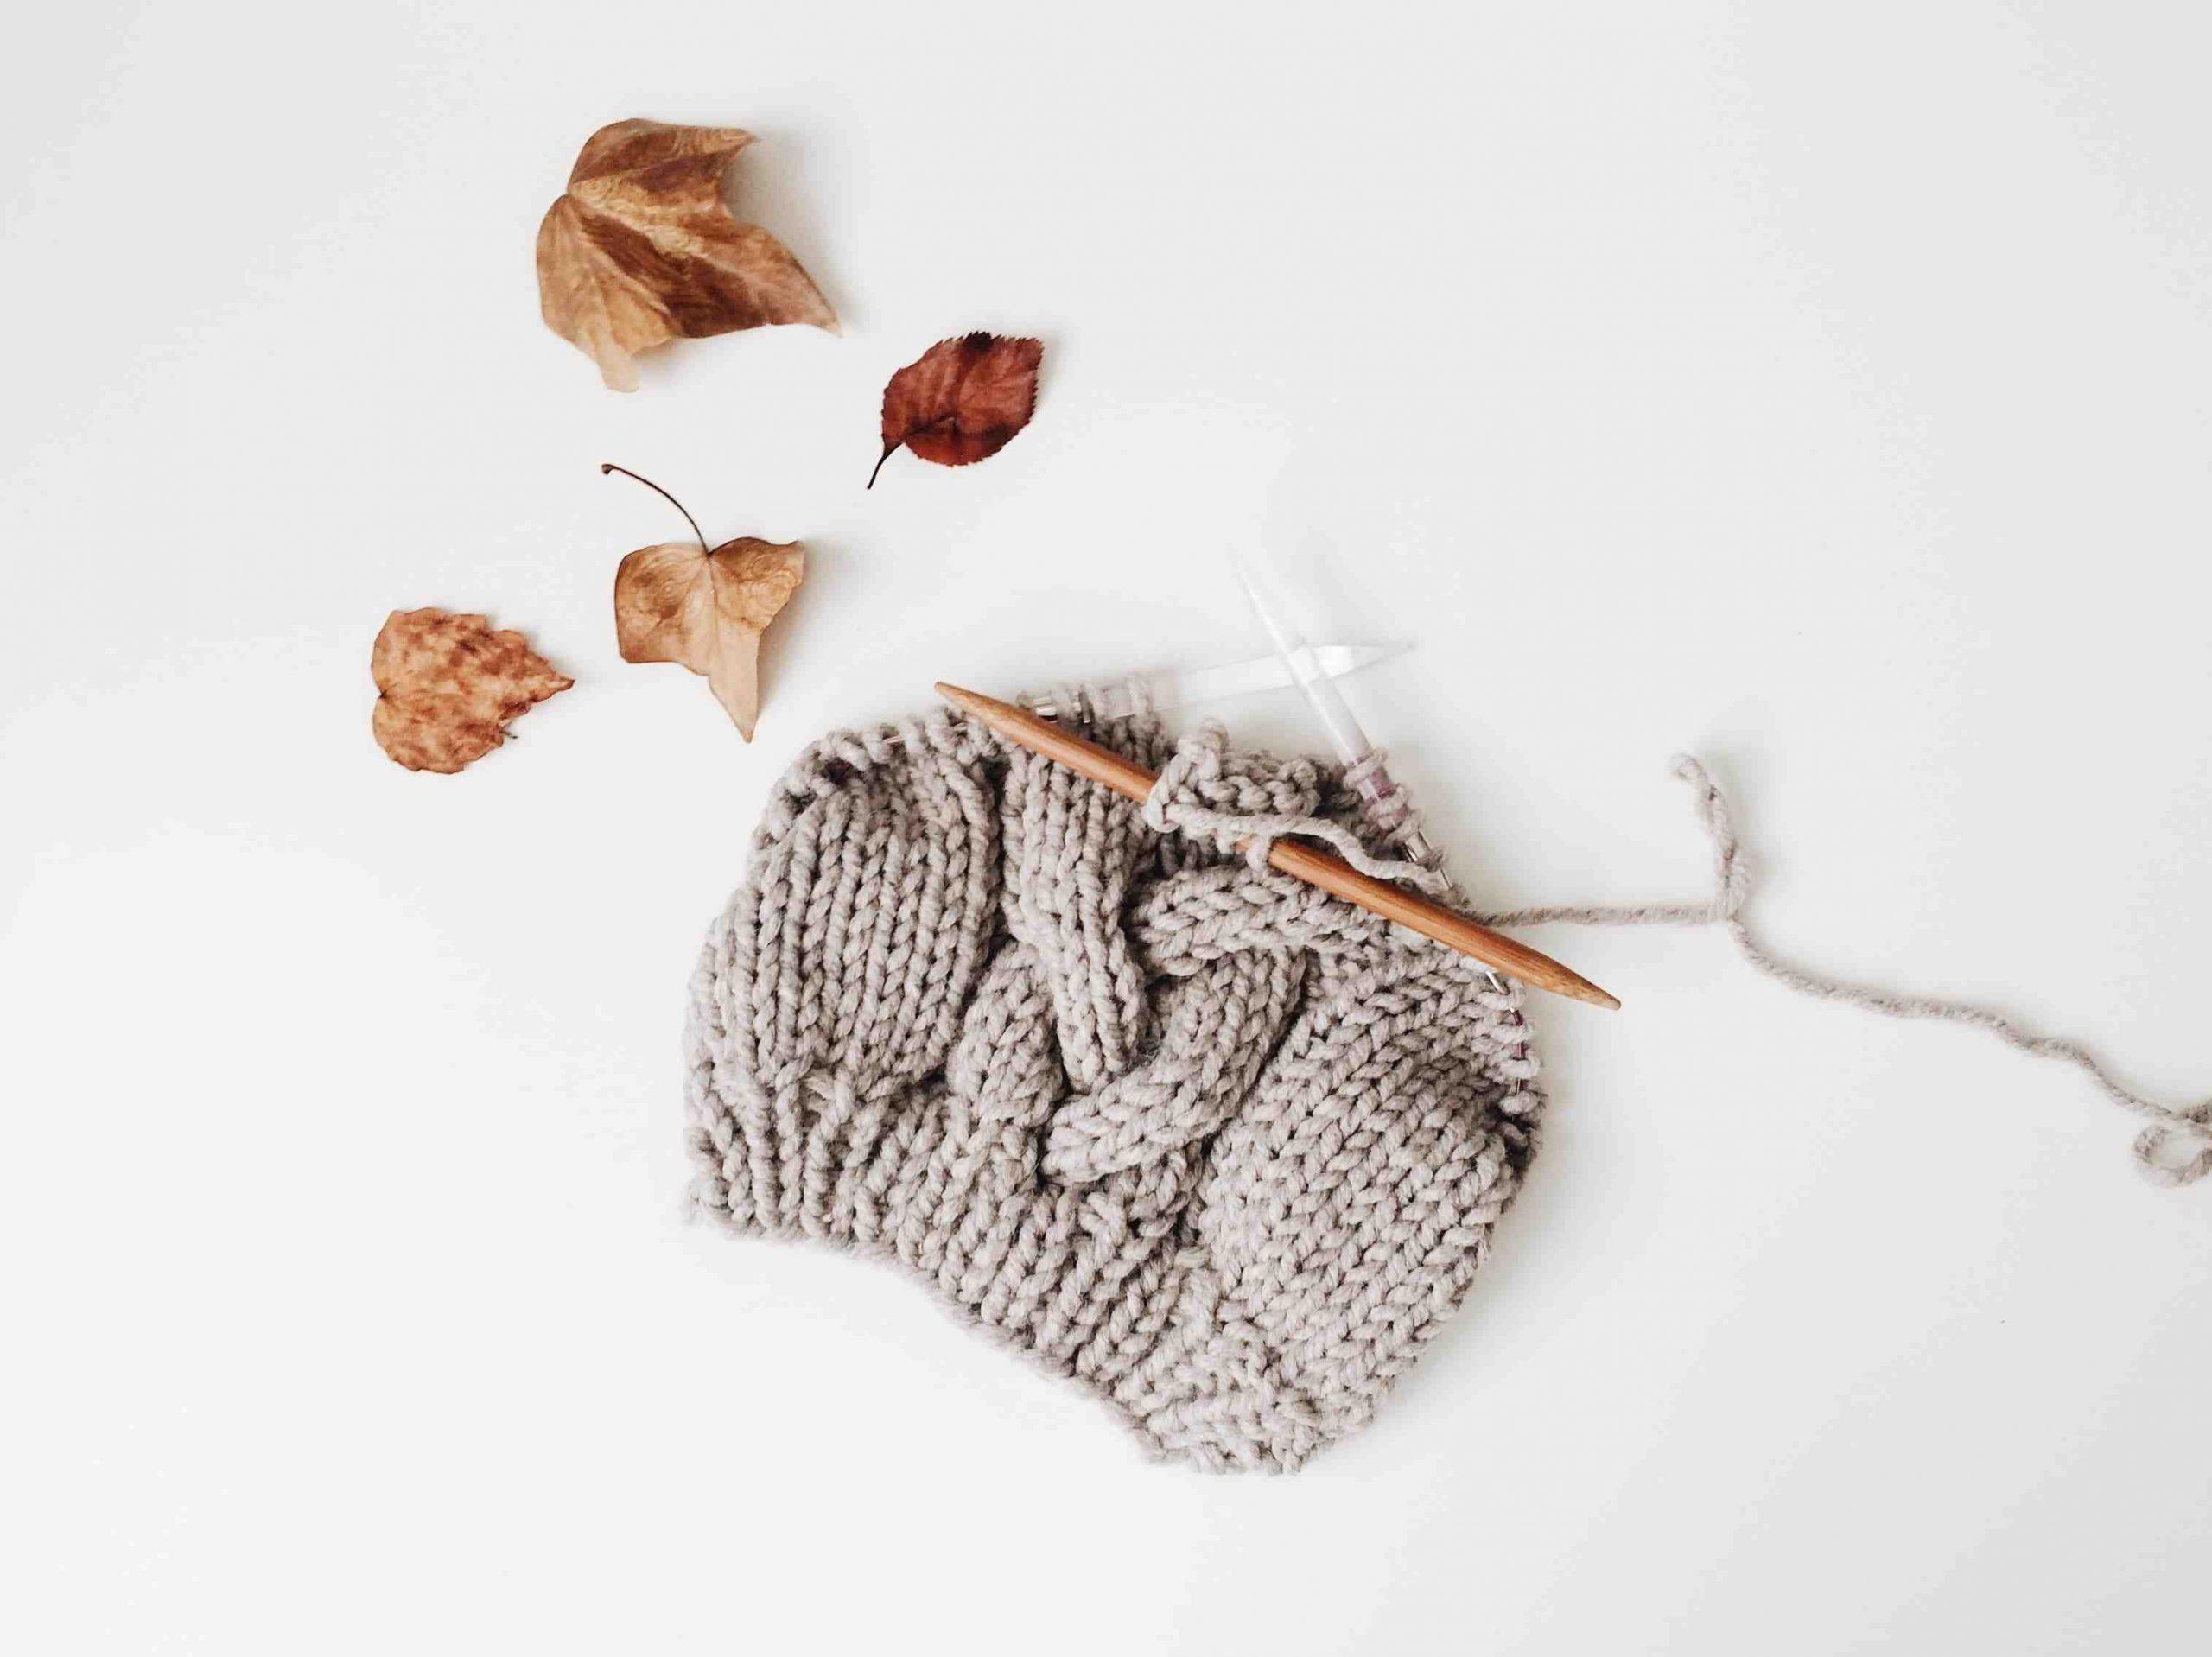 Comment adapter un patron de tricot à votre taille?